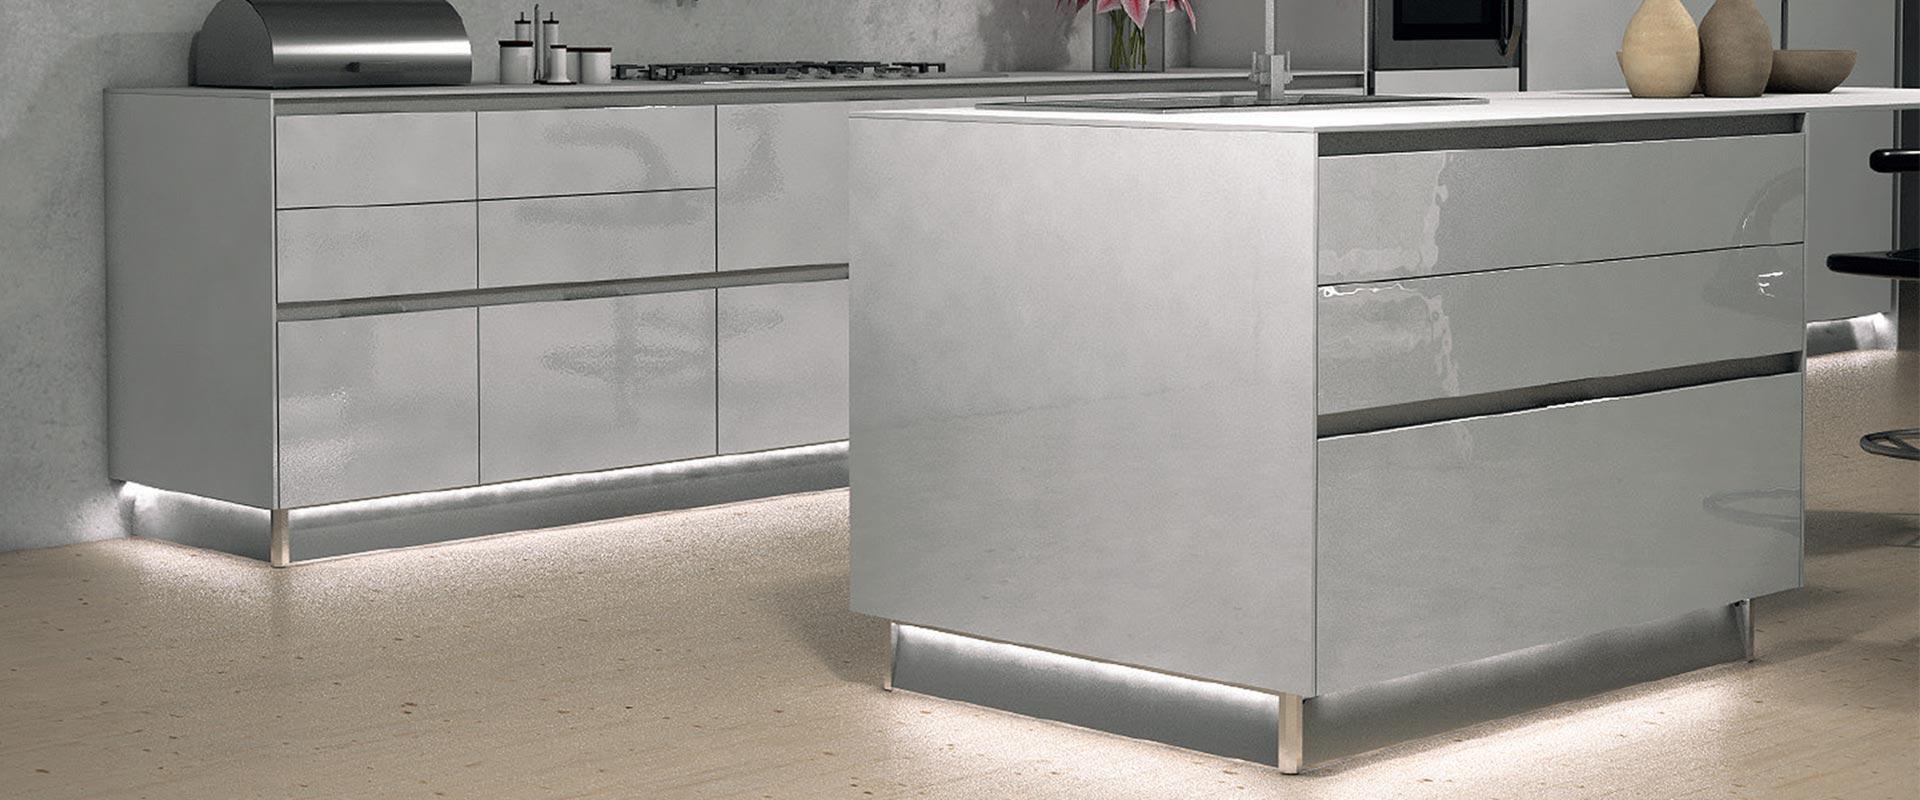 Zoccolo alluminio cucina con led ossicolor - Led in cucina ...